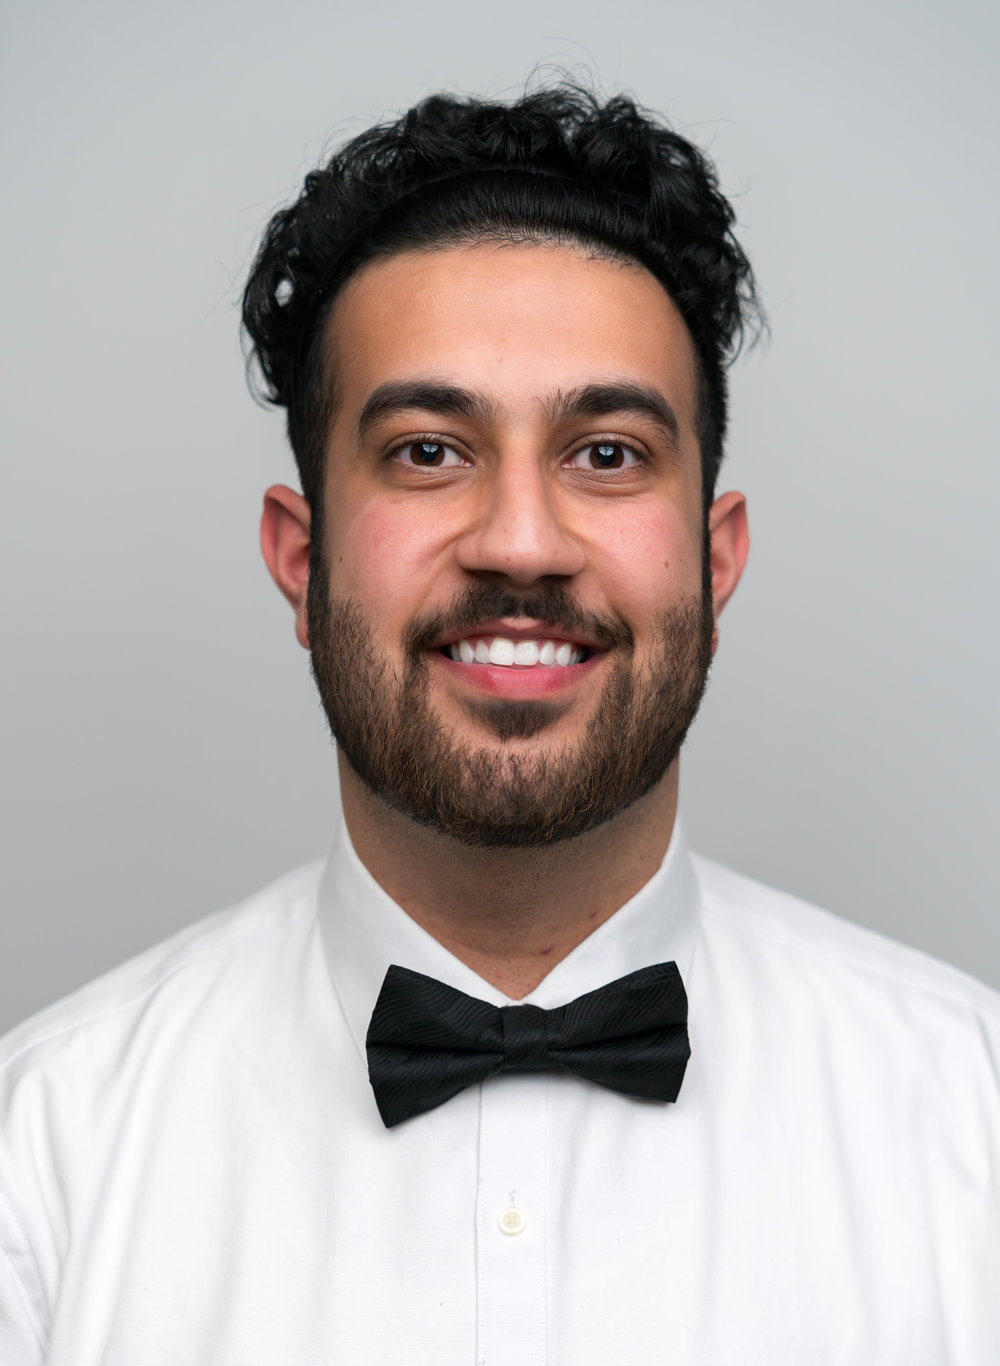 Imran Kahn   Major: Global Disease Biology Career Goal: Pediatrician